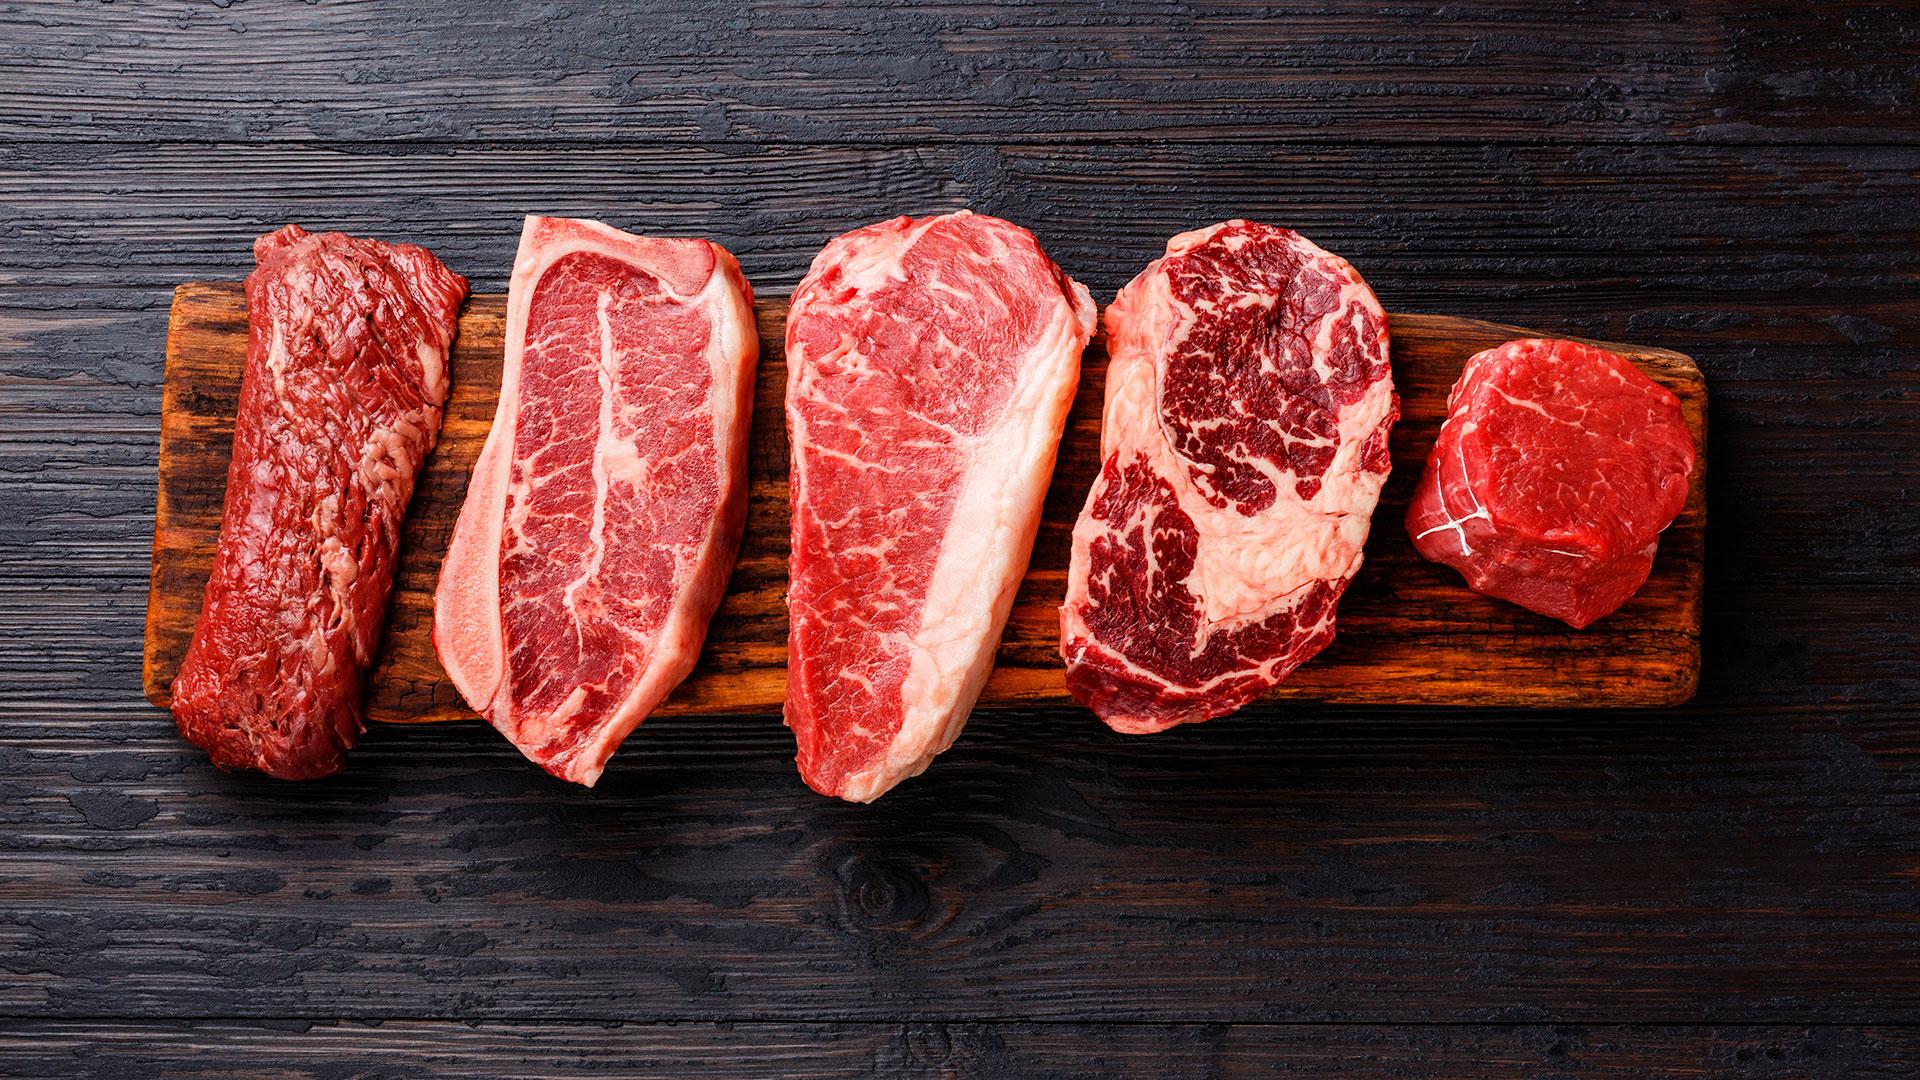 evita estos alimentos si sufres hipertensión